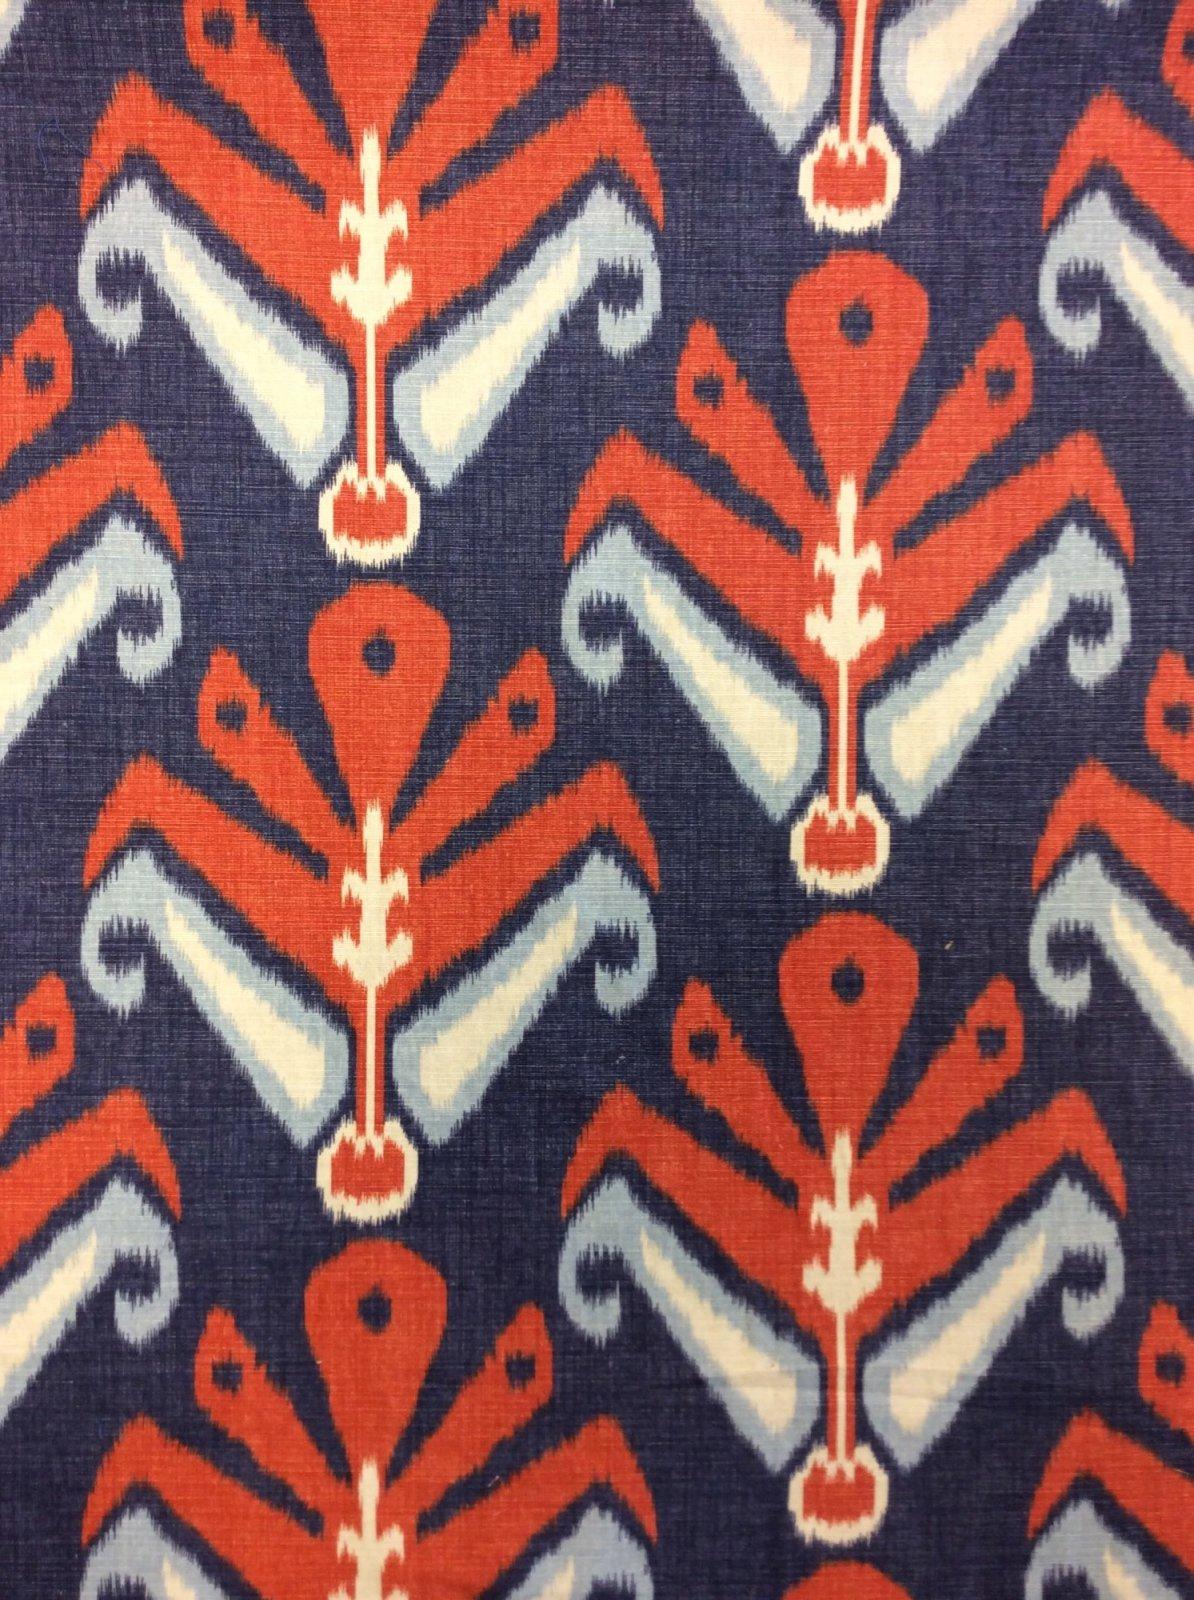 Ikat - Suzani - Suzanni - Mud Cloth - Ethnic - Tribal ...